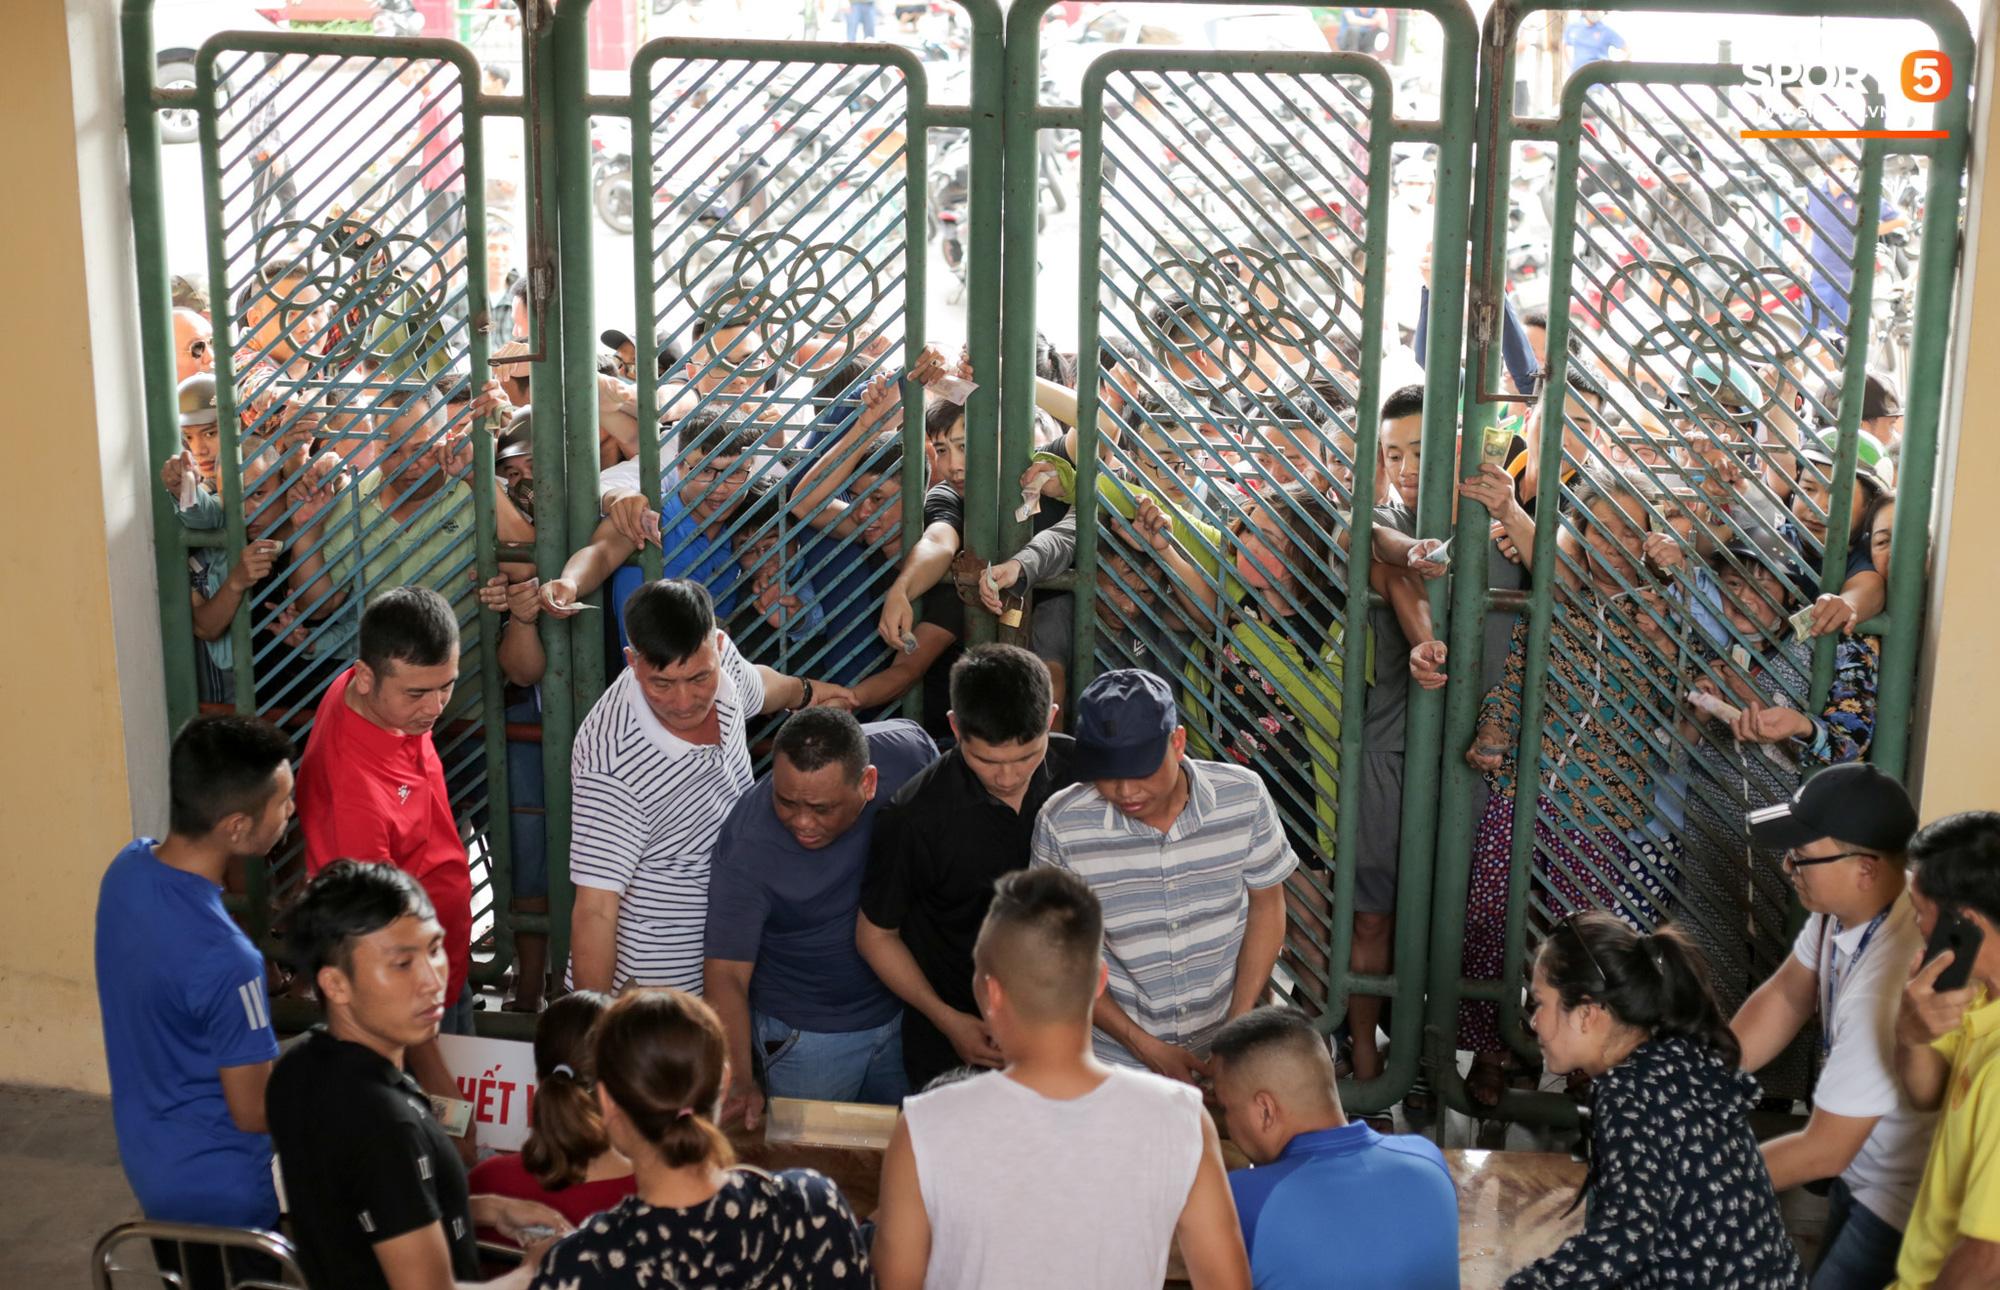 Chen nhau nghẹt thở mua vé xem bóng đá ở Nam Định, dân phe Hà Nội cũng đổ về thu gom - Ảnh 1.